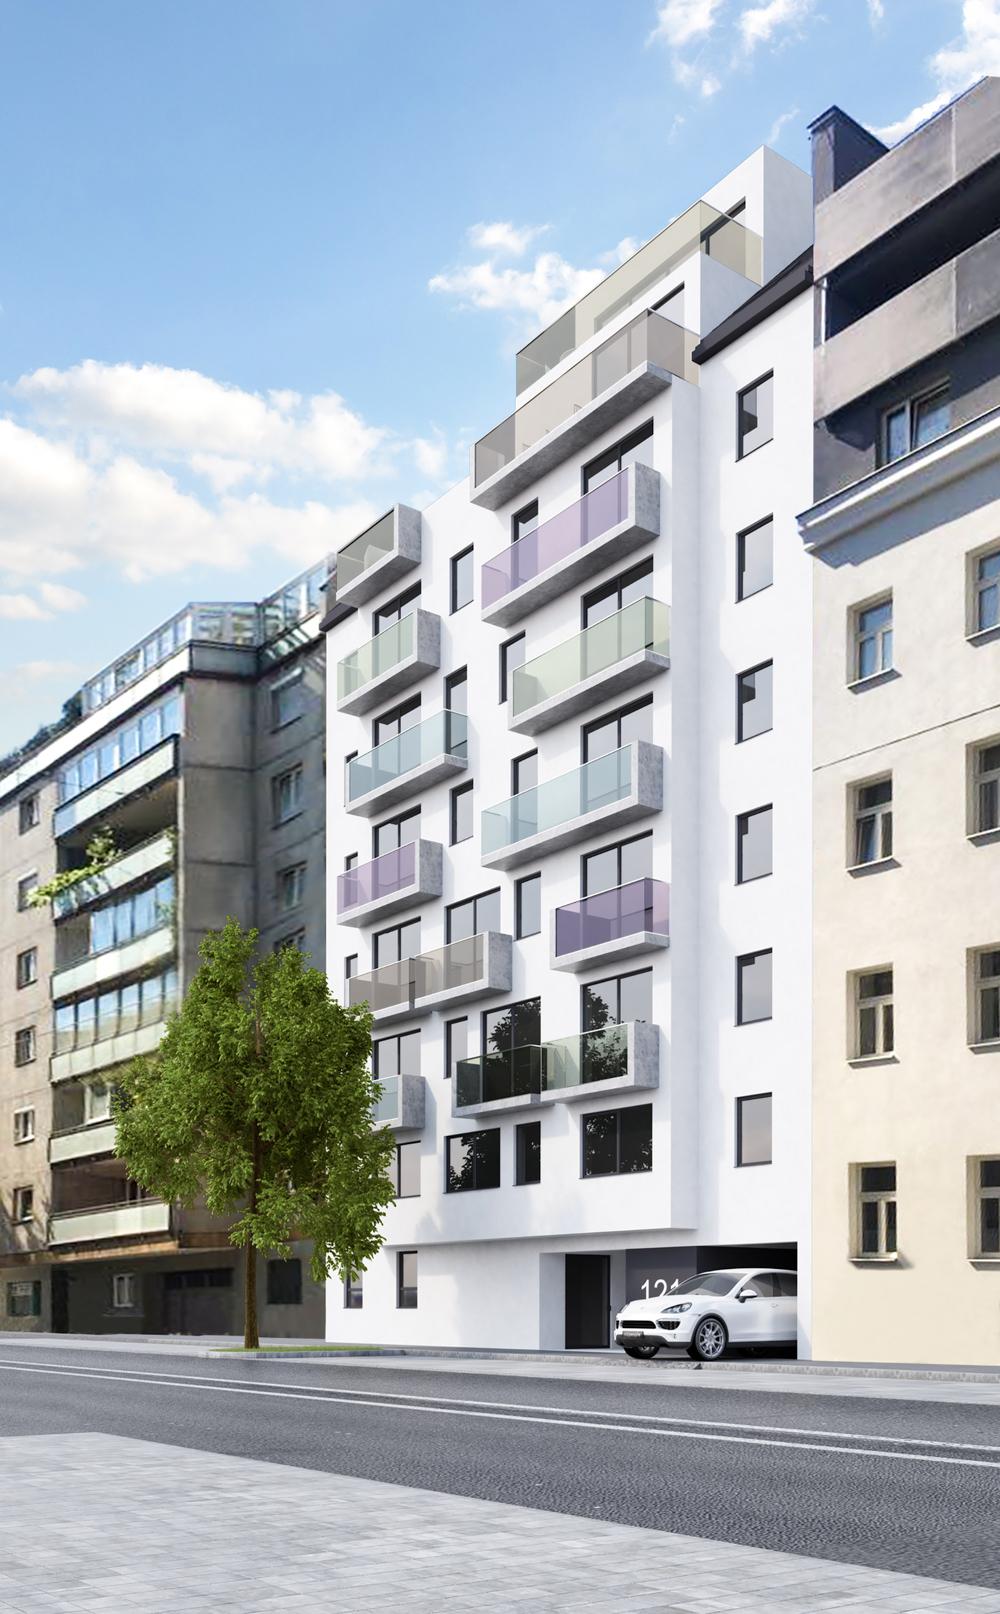 Außenansicht/Rendering Wohnbau in Wien / Paschinger Architekten